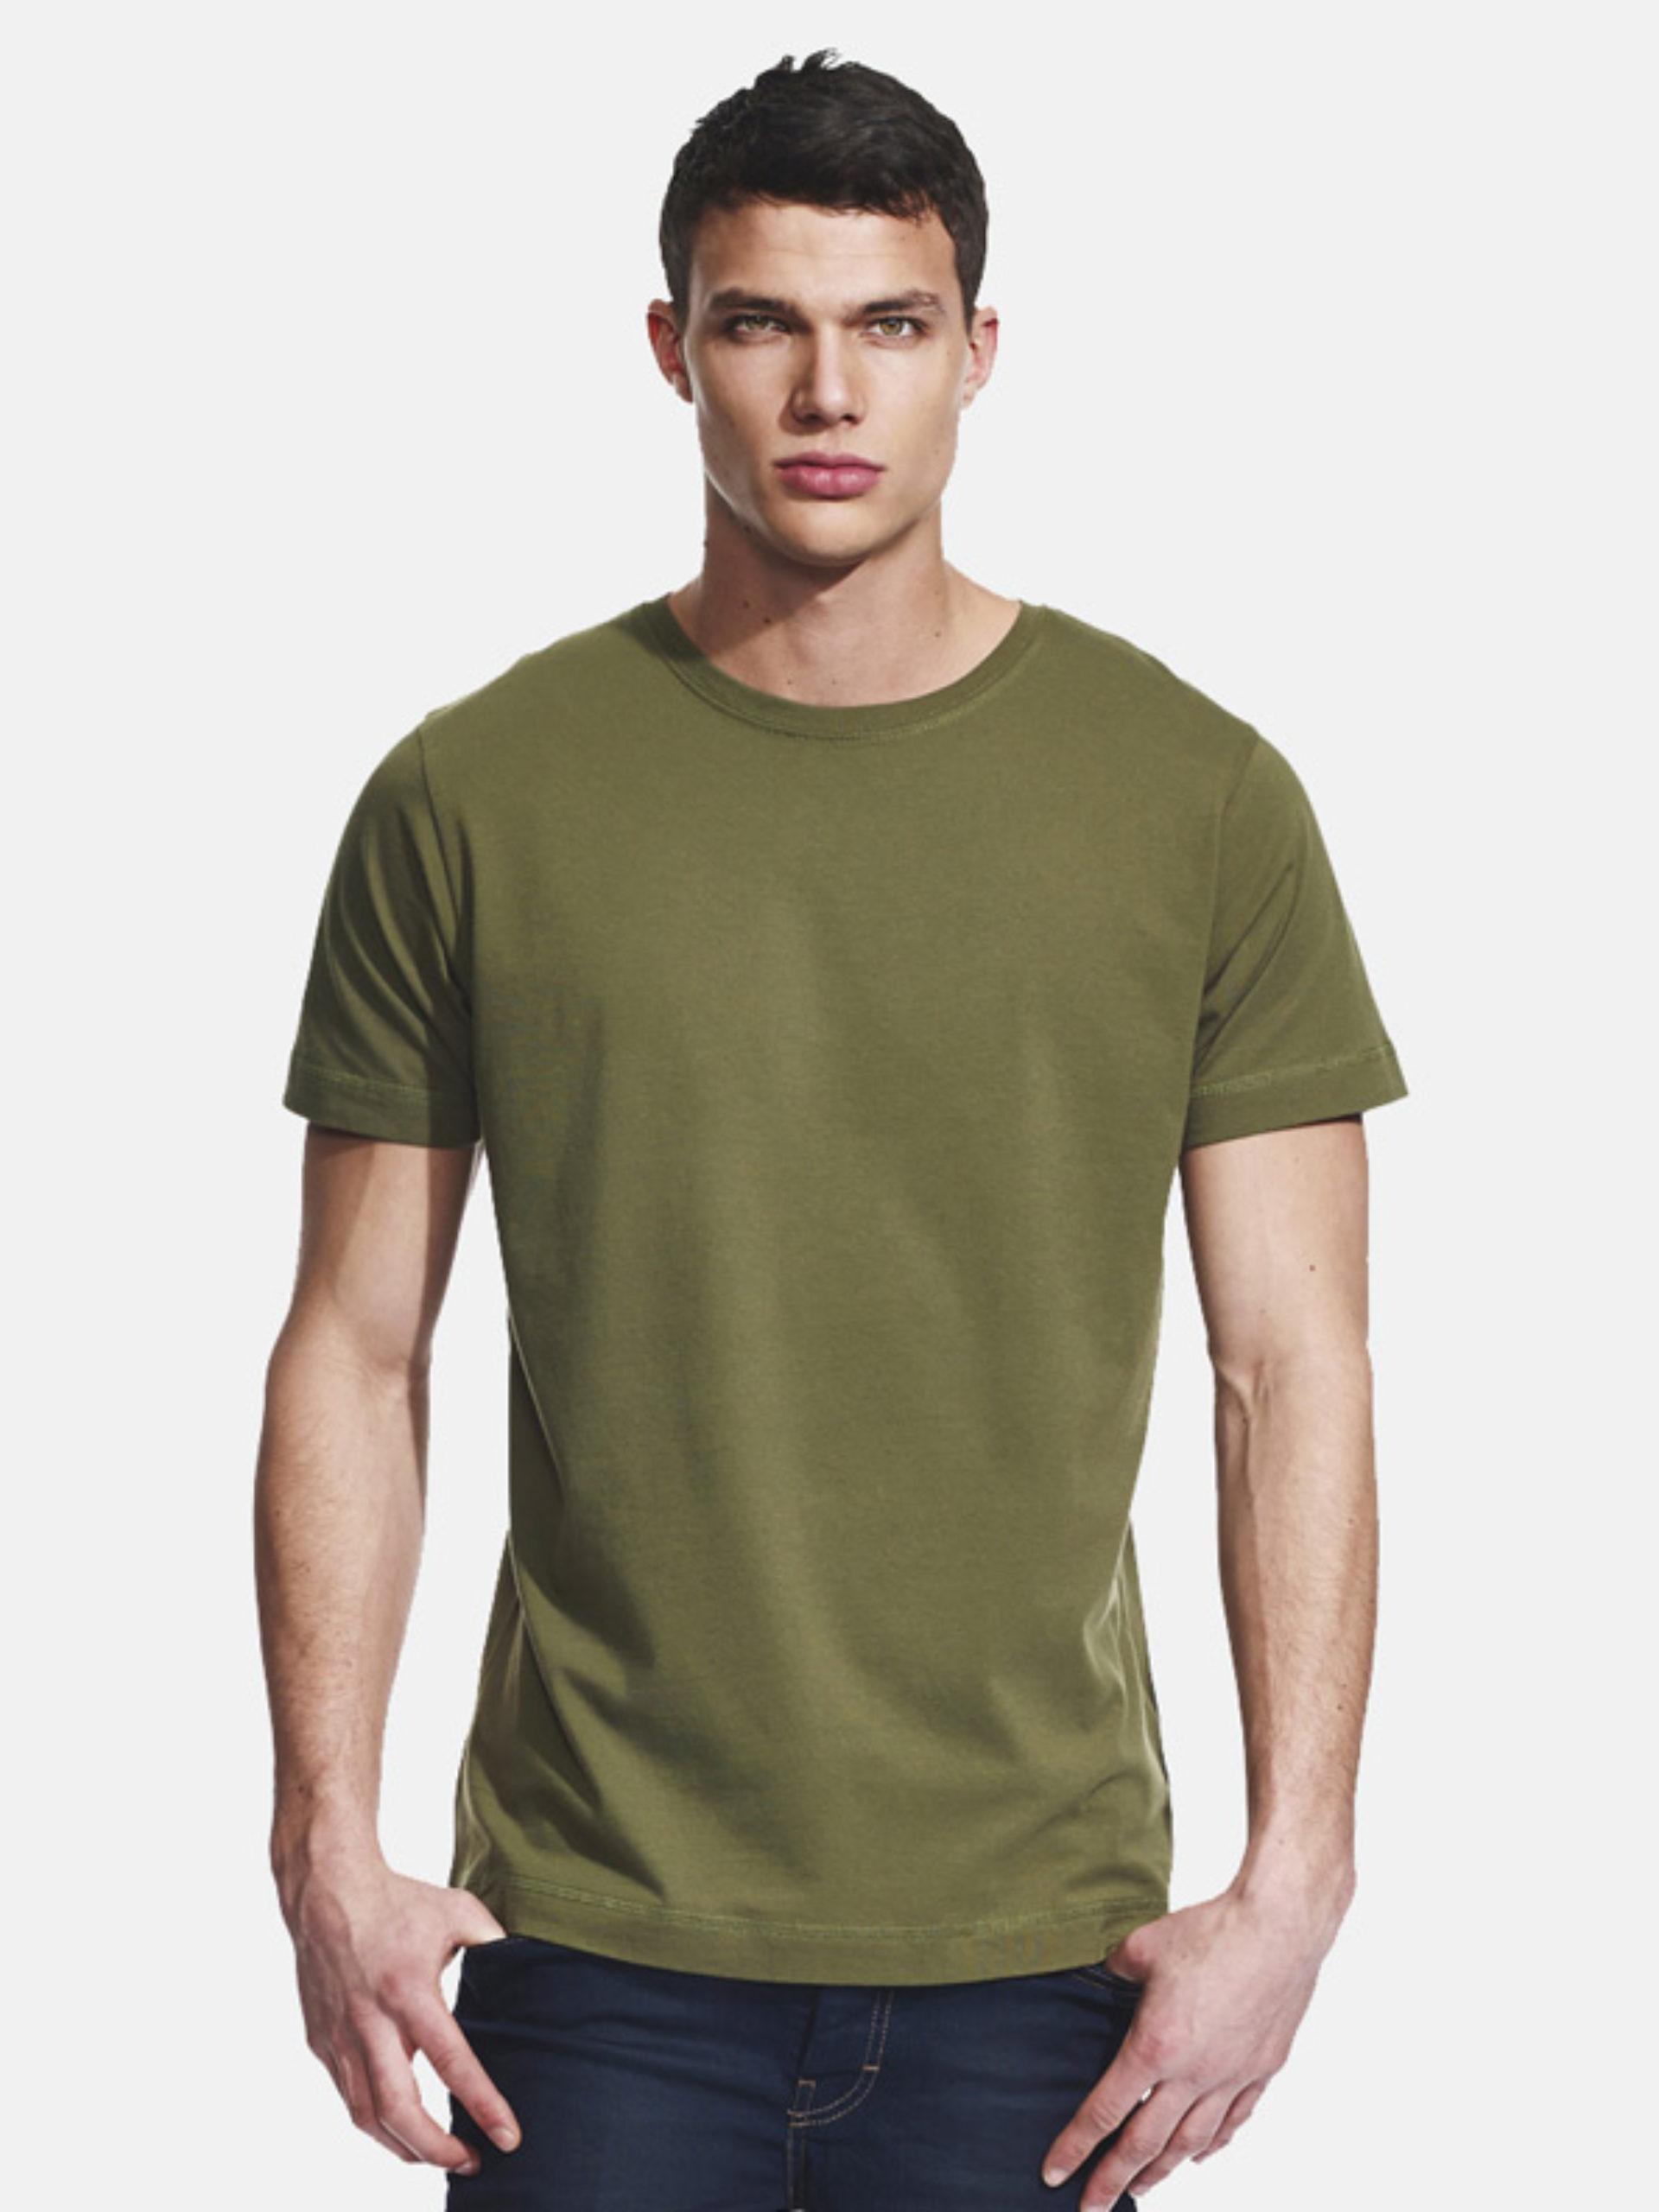 Herren T Shirt Bedrucken Continental 03